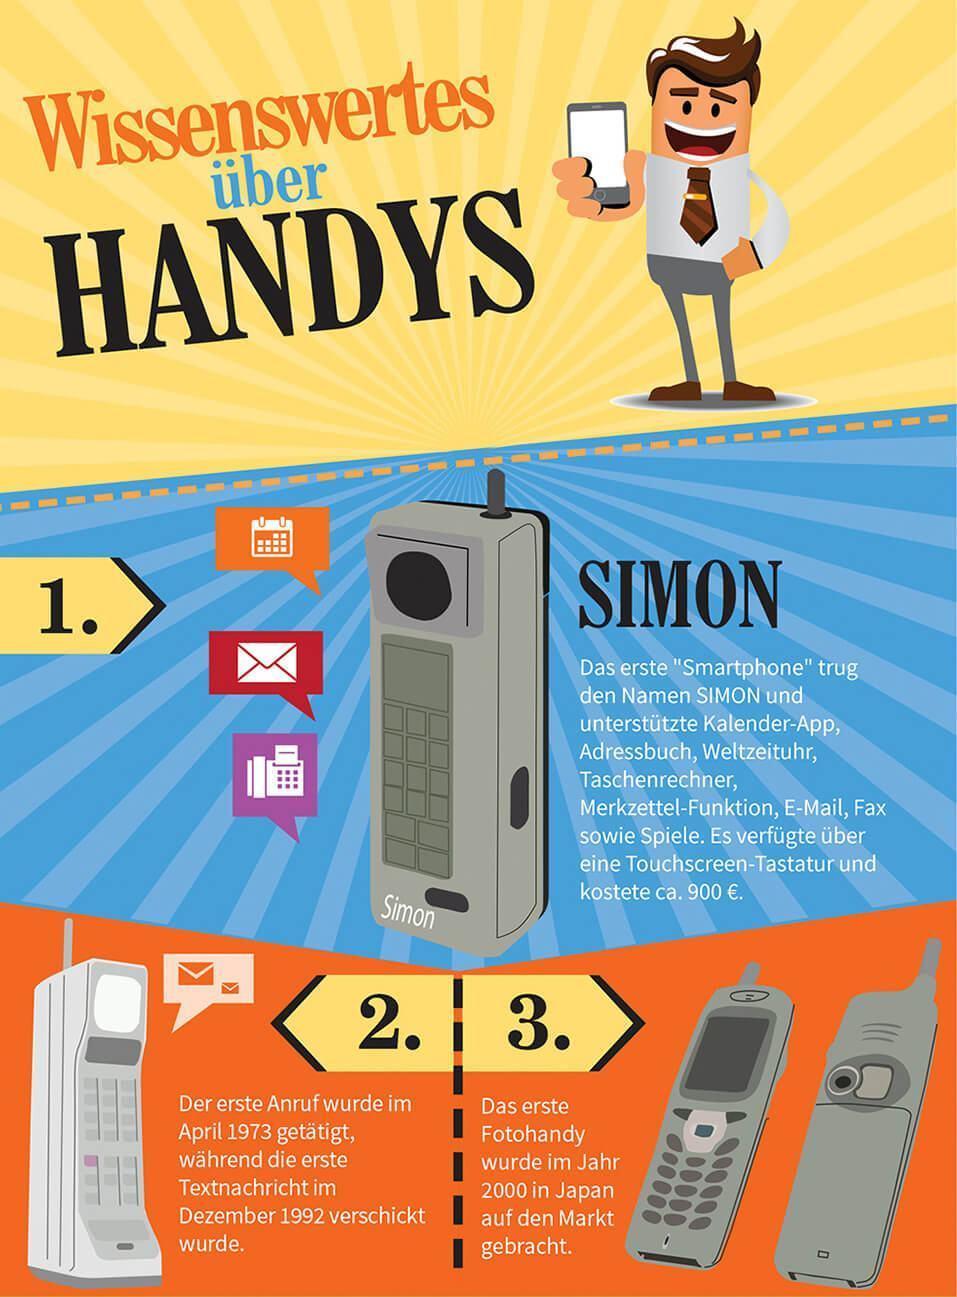 Exkurs: Verblüffende Fakten über Handys und Smartphones, die Du kennen solltest